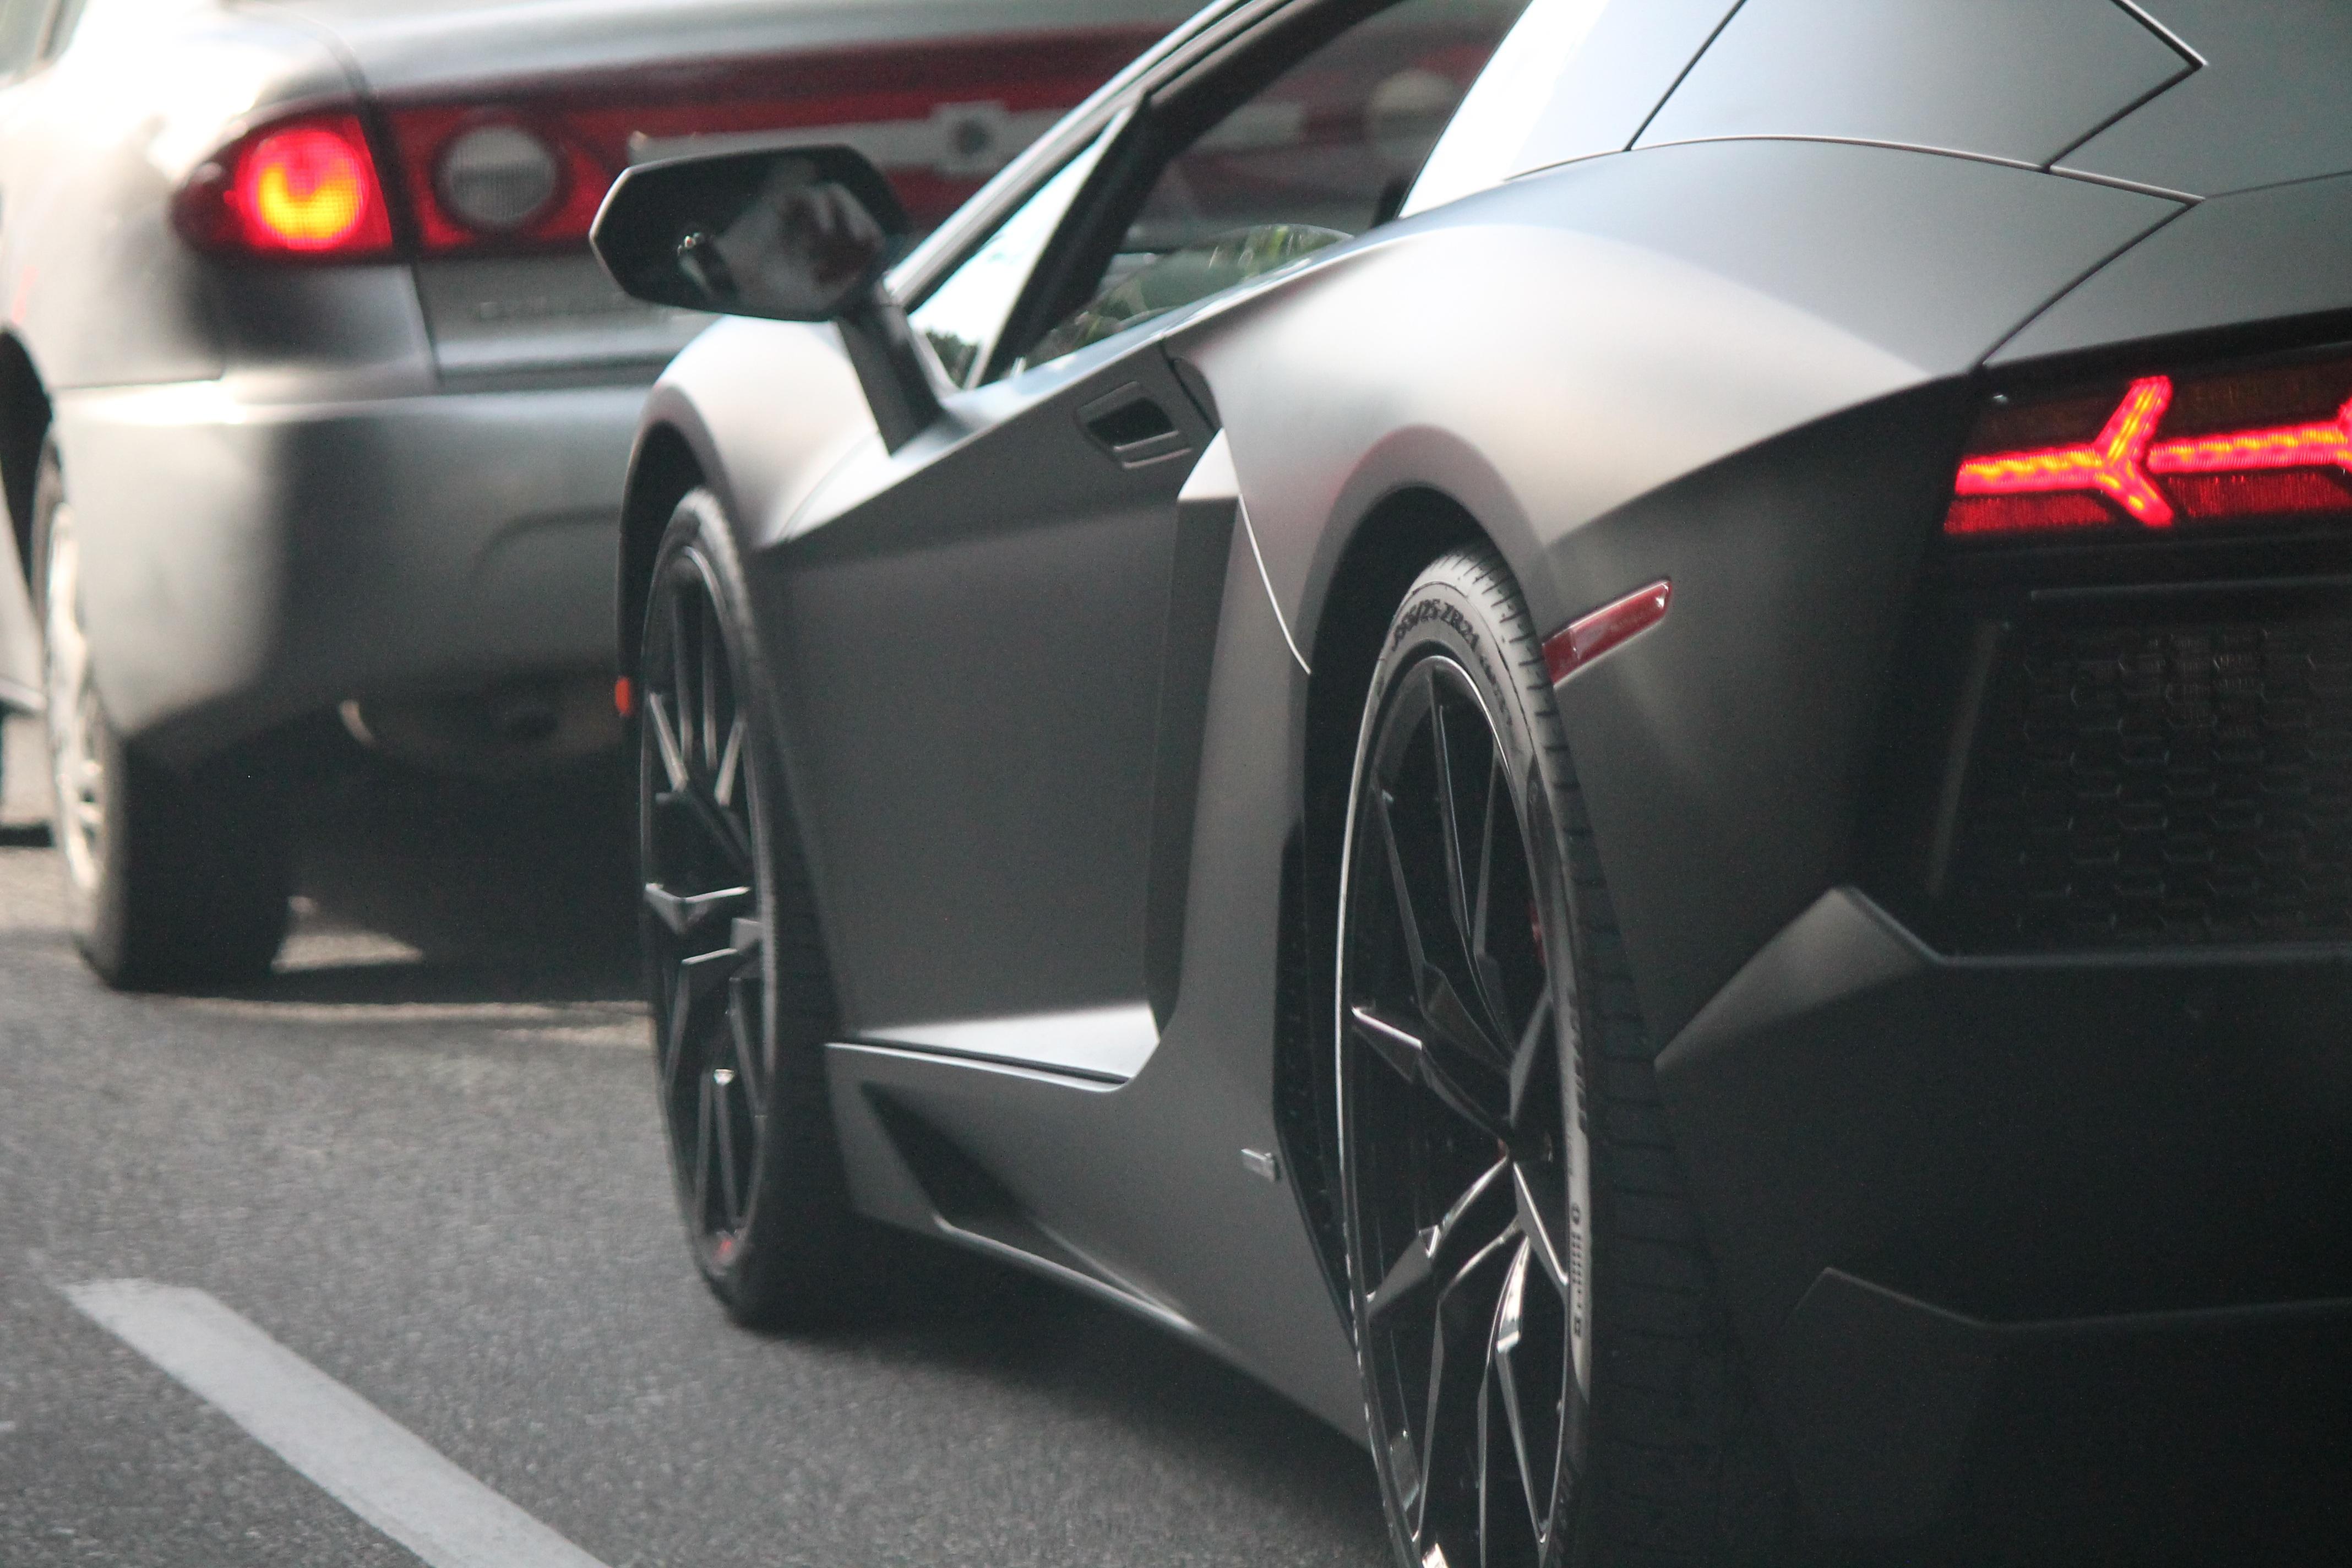 88540 Hintergrundbild herunterladen Lamborghini, Cars, Lichter, Scheinwerfer, Rad, Supersportwagen - Bildschirmschoner und Bilder kostenlos